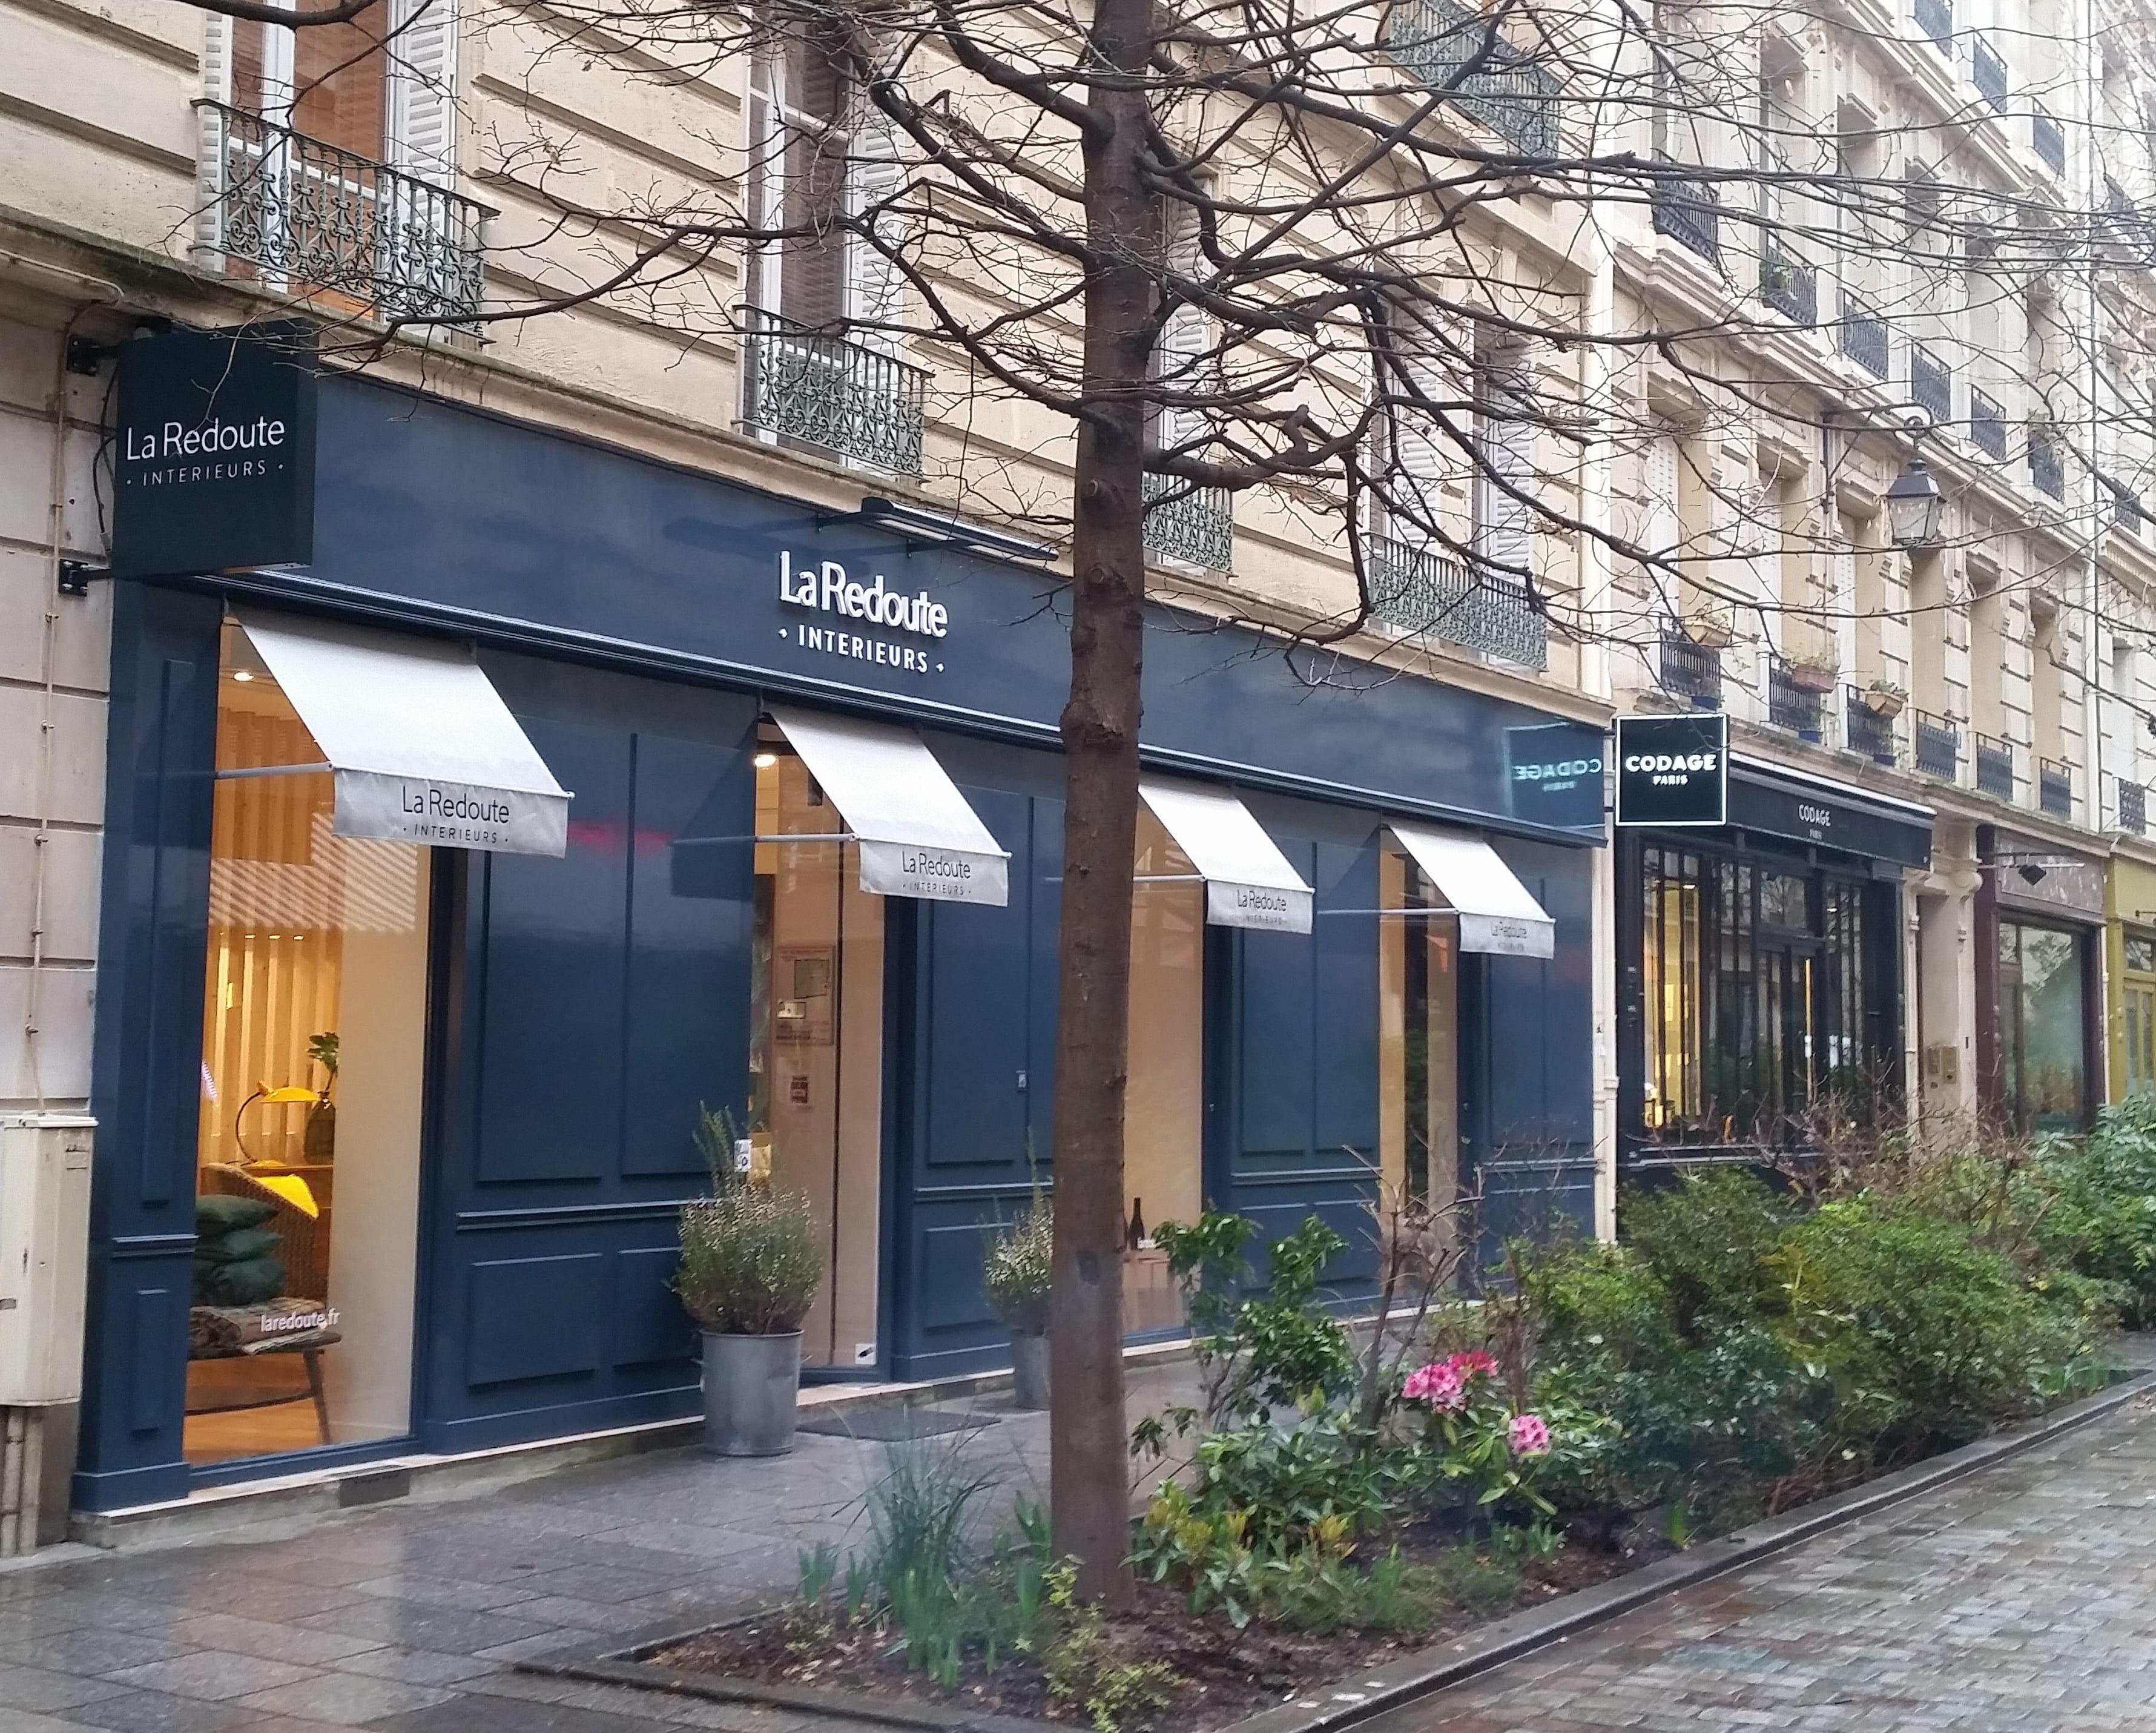 La redoute int rieurs ouvre sa premi re boutique - La redoute magasin paris ...